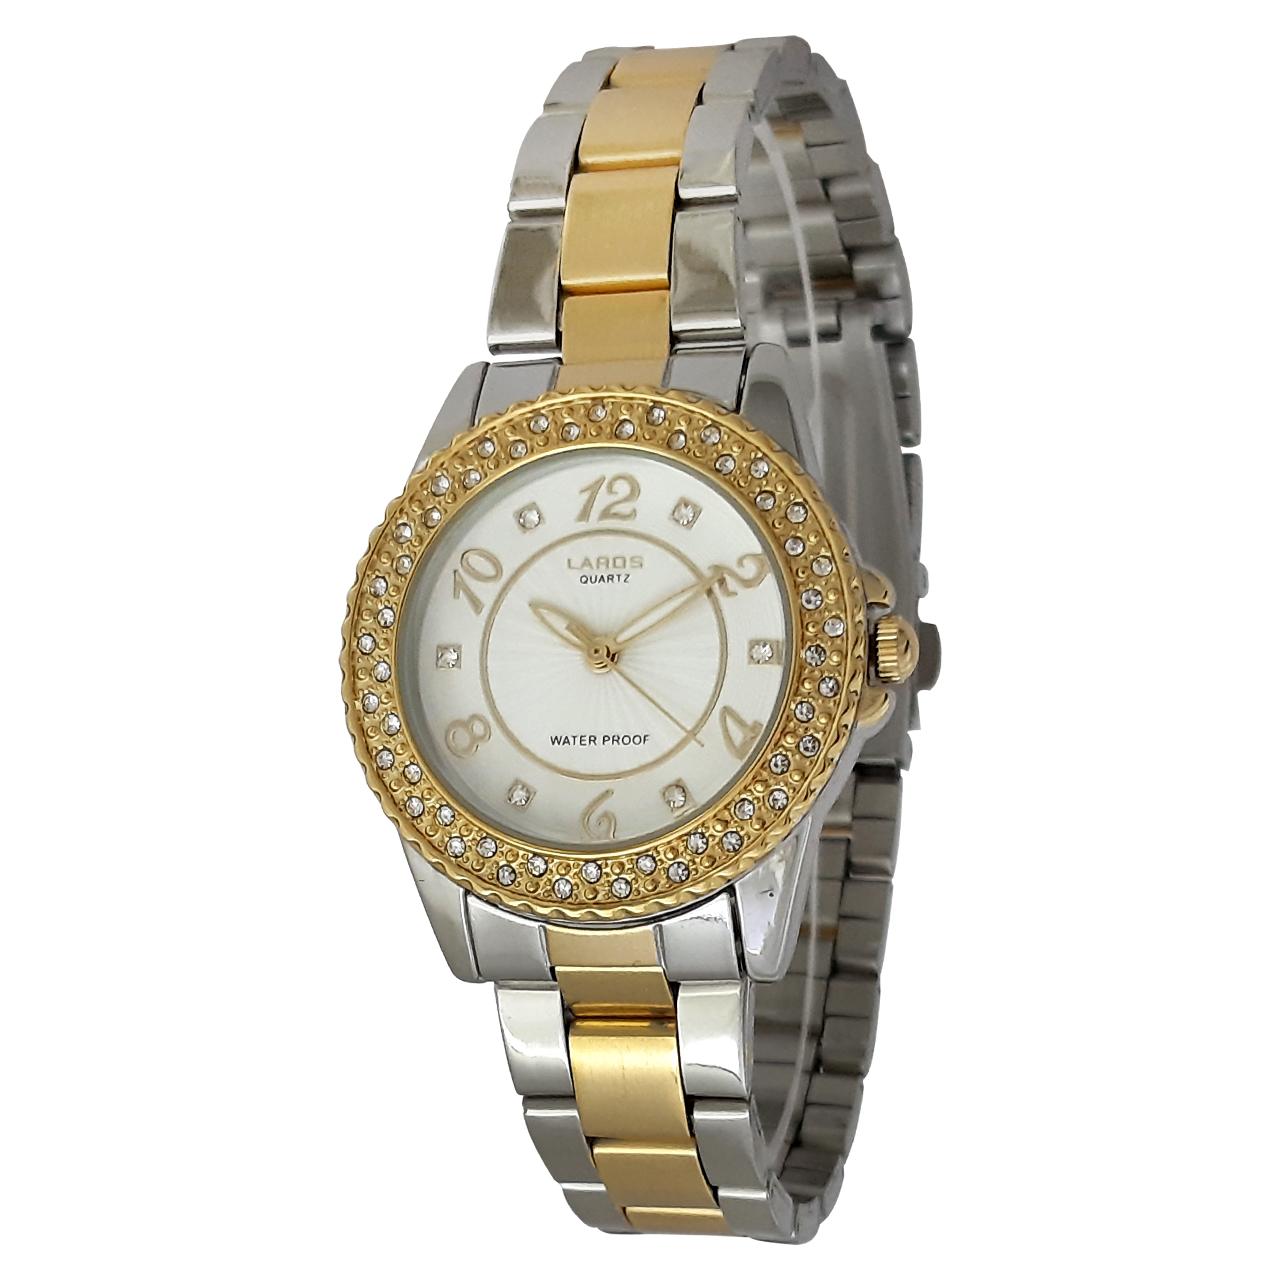 ساعت مچی عقربه ای زنانه لاروس مدل 0717-79800 به همراه دستمال مخصوص برند کلین واچ